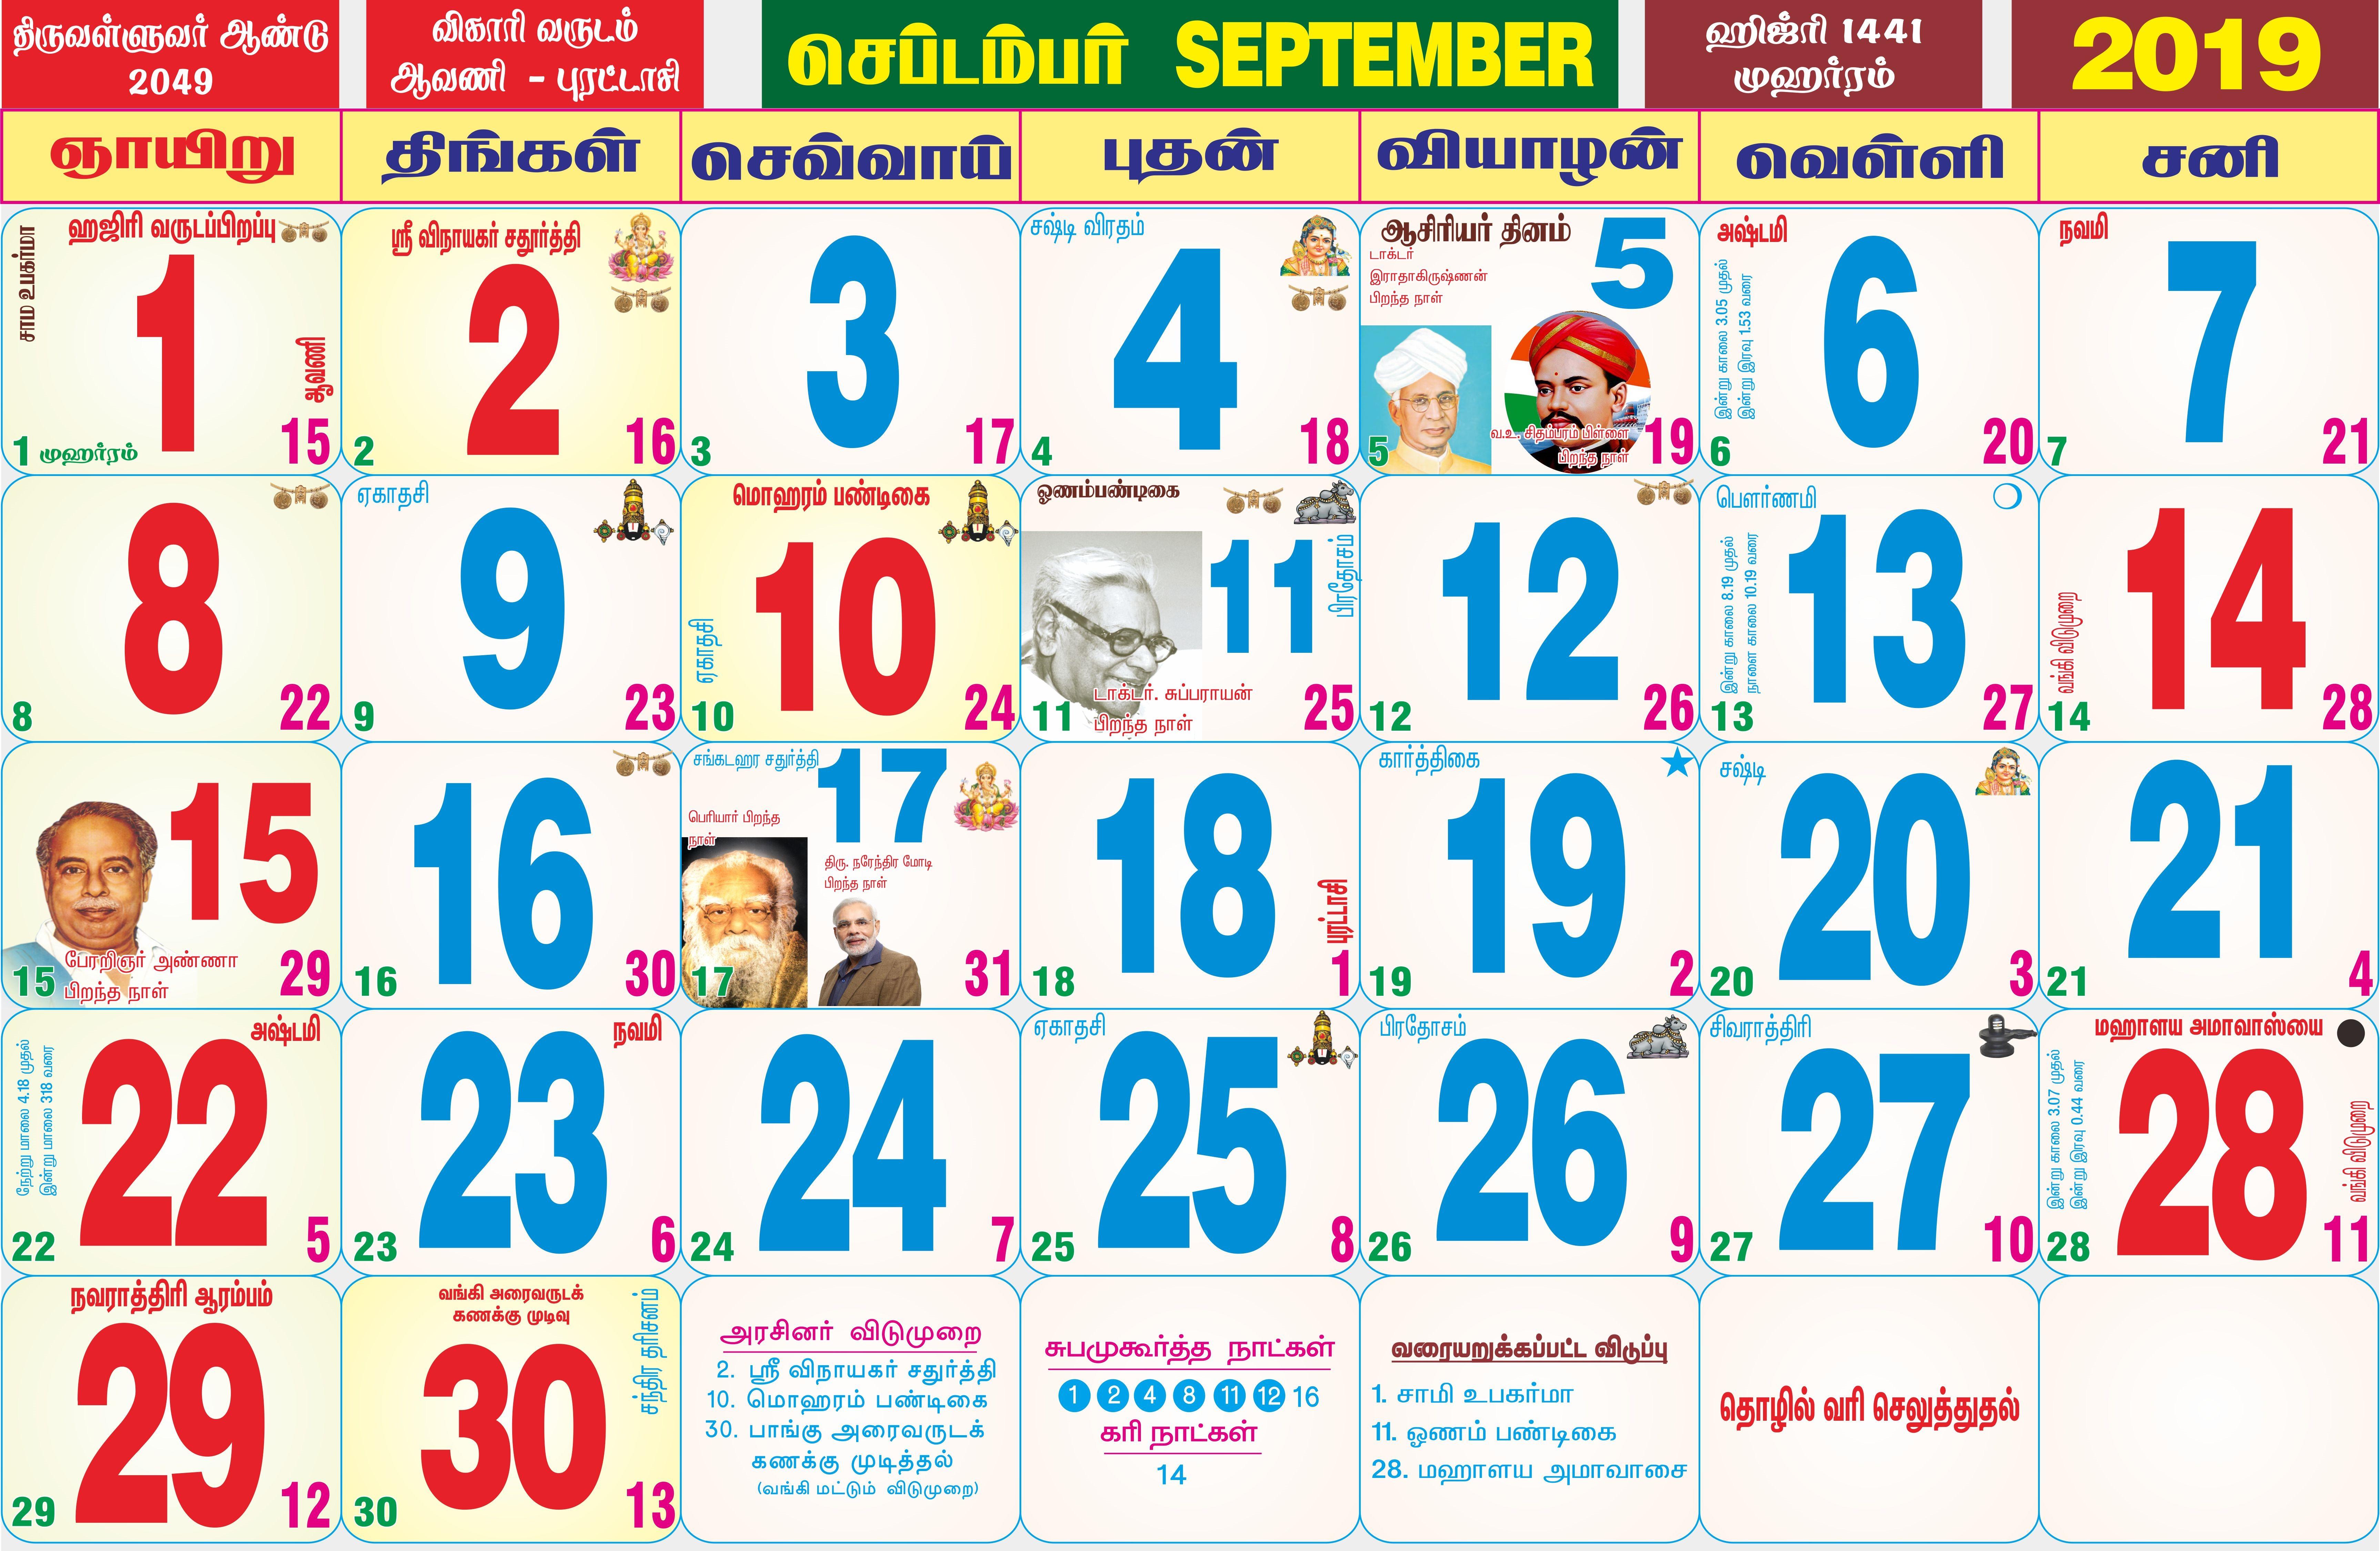 tamil monthly calendar 2019  u2013  u0ba4 u0bae u0bbf u0bb4 u0bcd  u0bae u0bbe u0ba4  u0b95 u0bbe u0bb2 u0ba3 u0bcd u0b9f u0bb0 u0bcd 2019